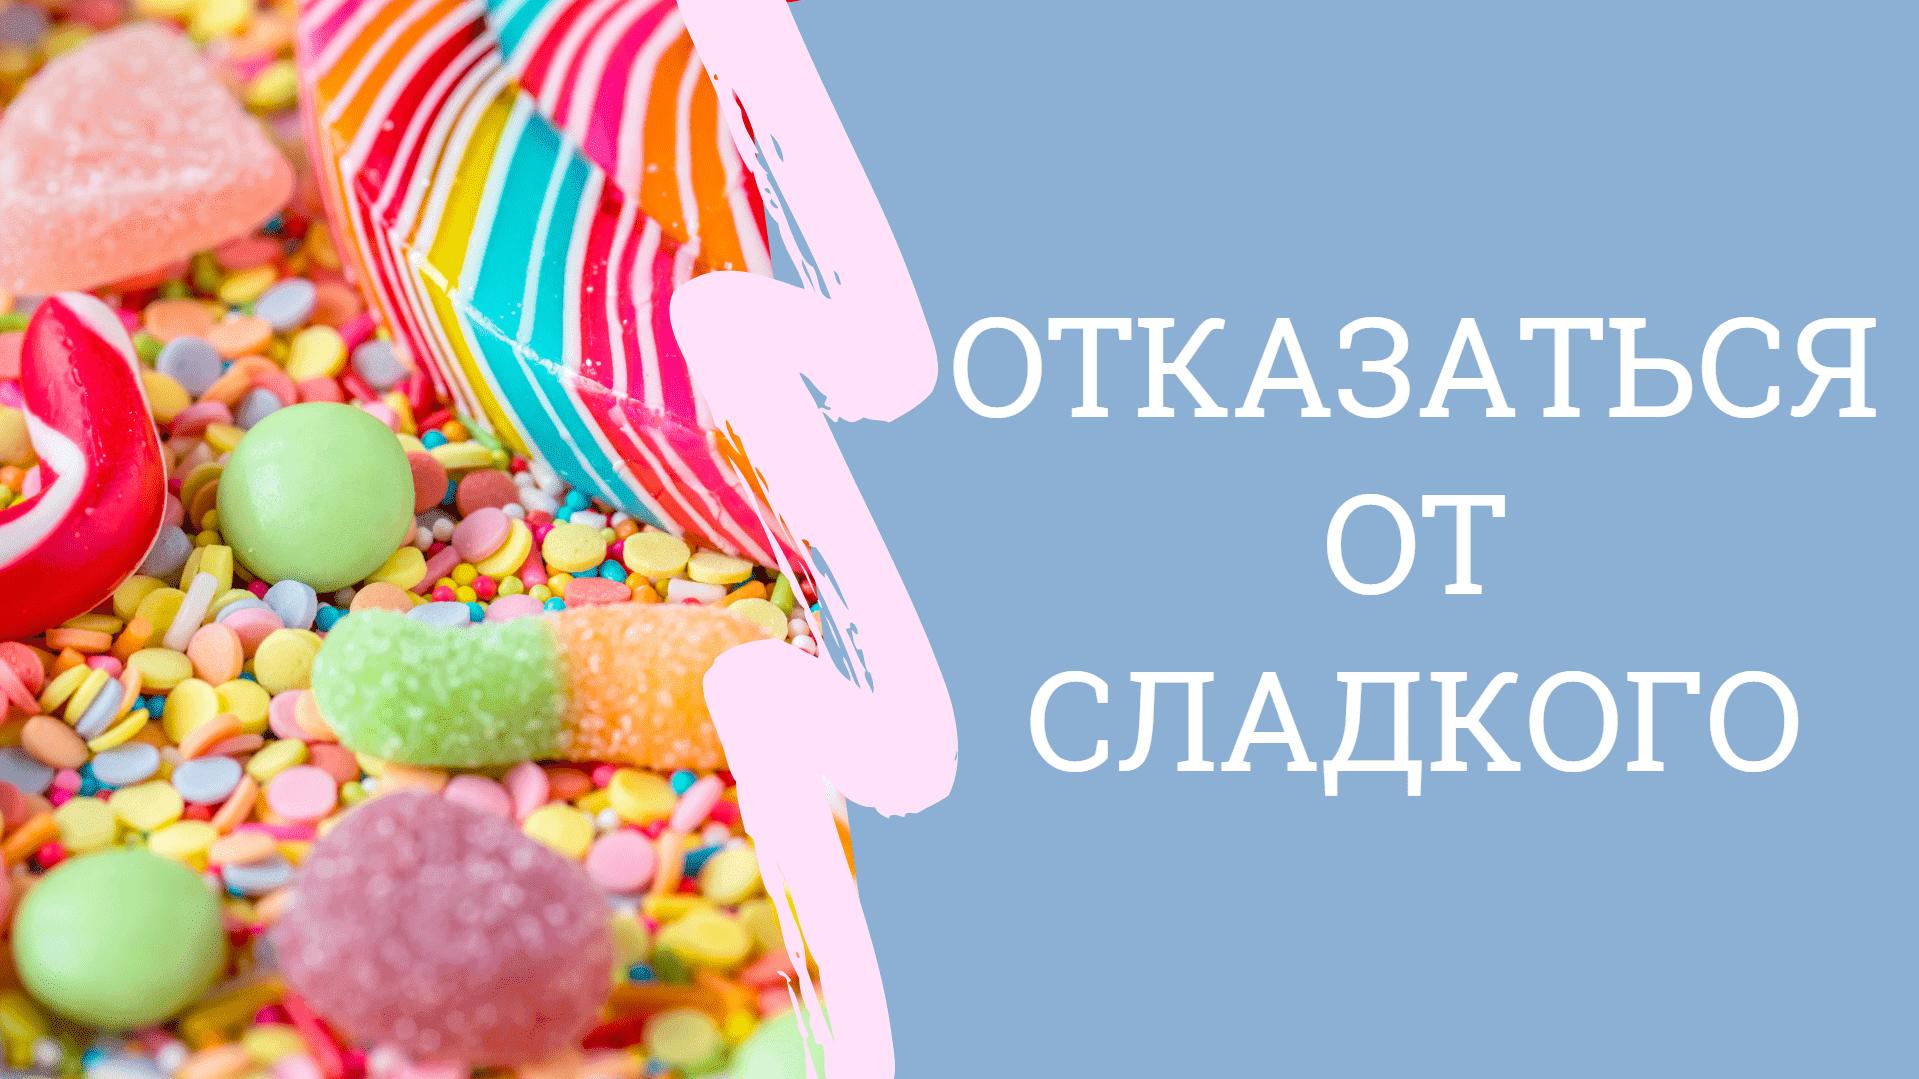 Как отказаться от сладкого: рекомендации для сладкоежек